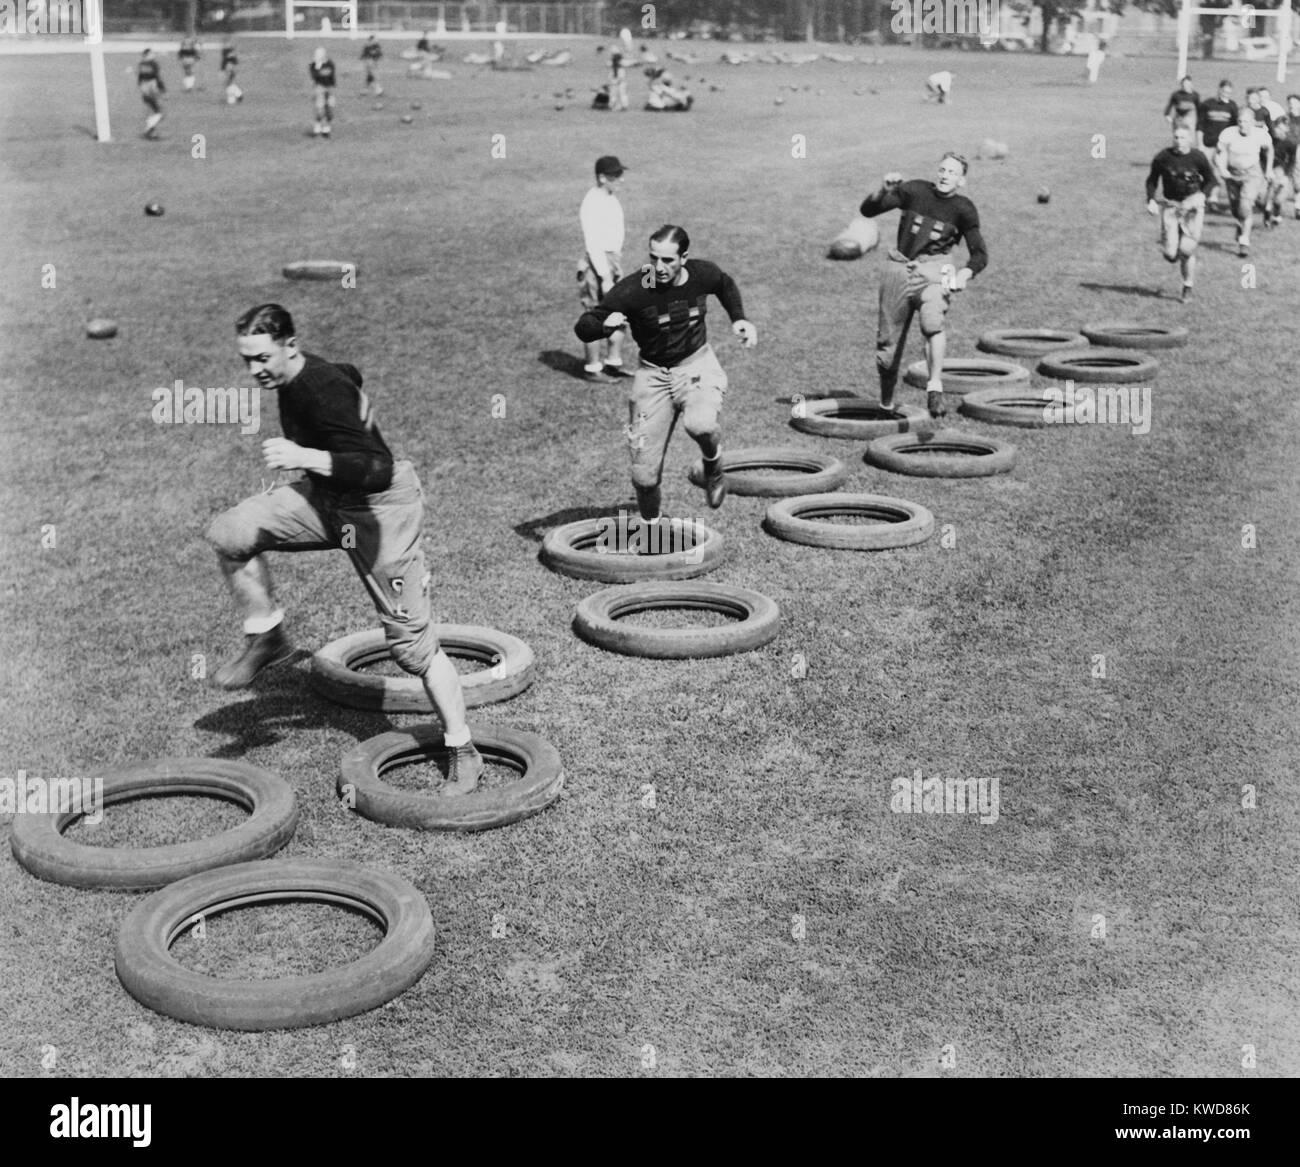 Fußball-Gruppe West Point high Verstärkung durch ein Labyrinth von Reifen während ihrer ersten Praxis. Stockbild